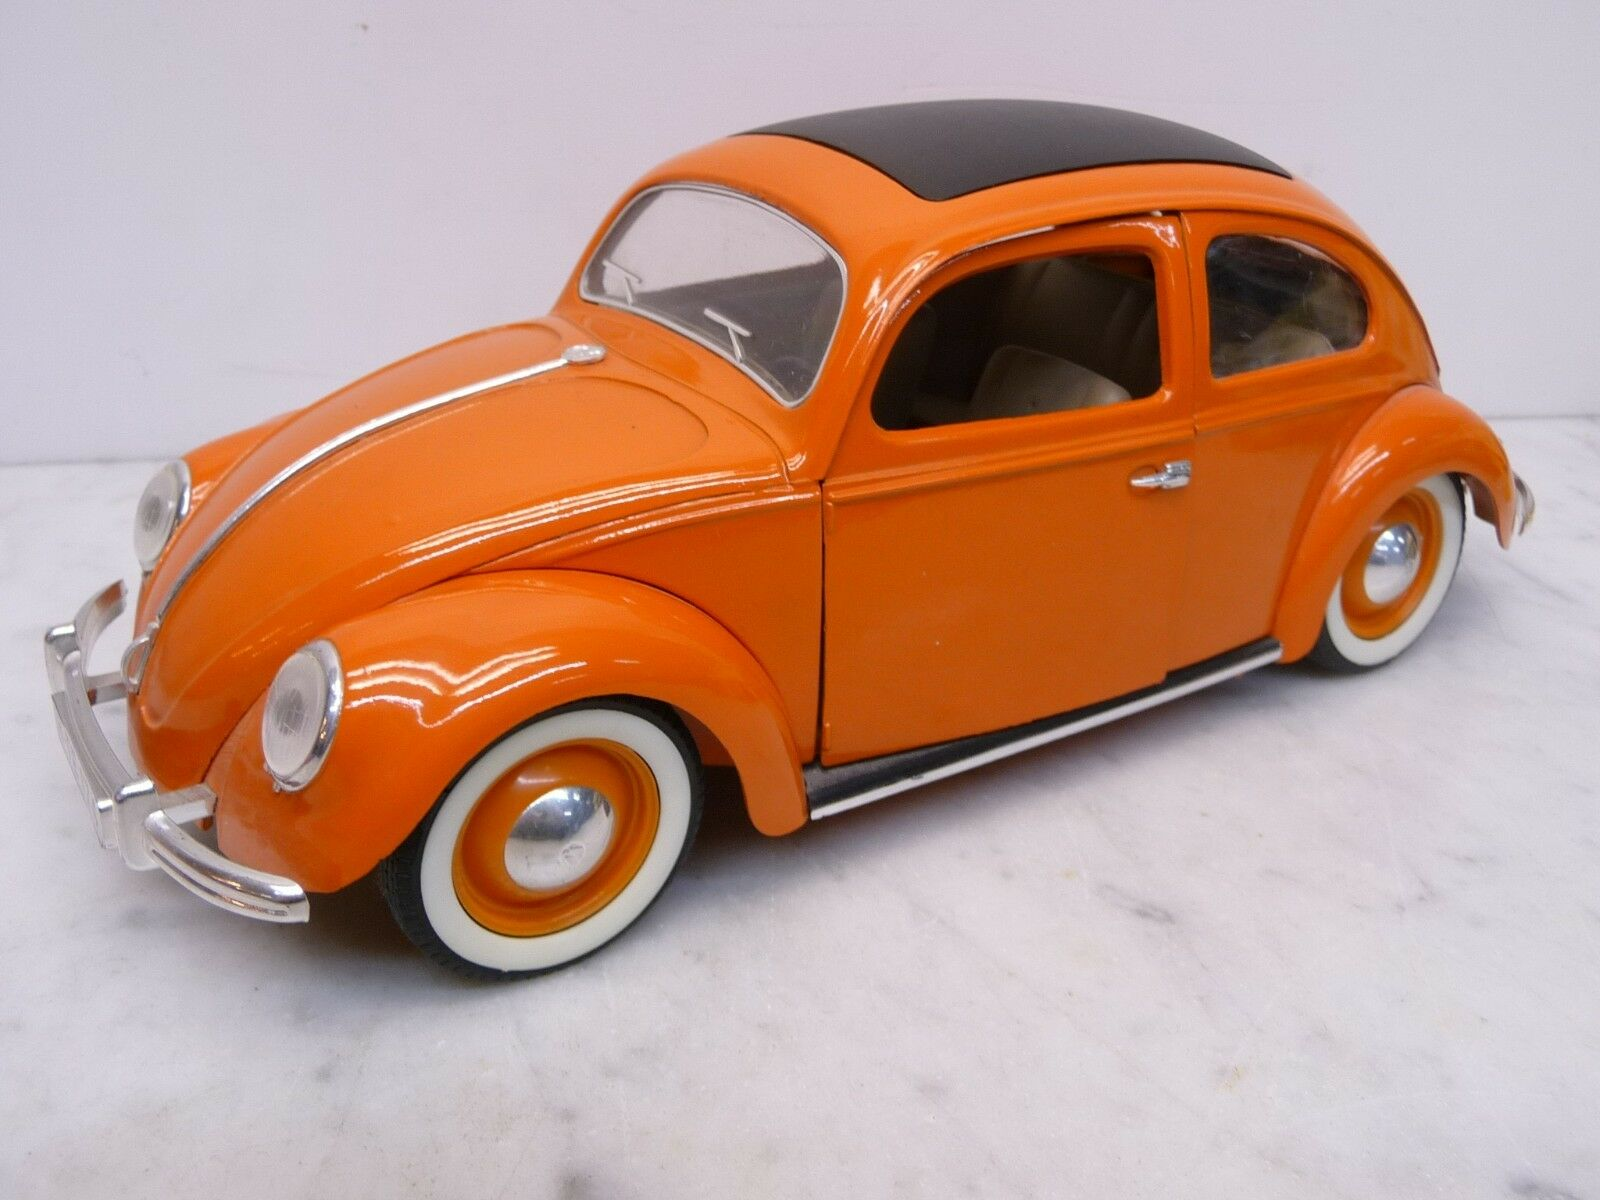 MAJORETTE 1:17 VW Beetle en couleur de corail avec Noir Faltdach Beaux flancs blancs TOP | Belle En Couleurs  | Que Nos Produits Vont Dans Le Monde  | Terrific Value  | La Qualité Et La Quantité Assurée